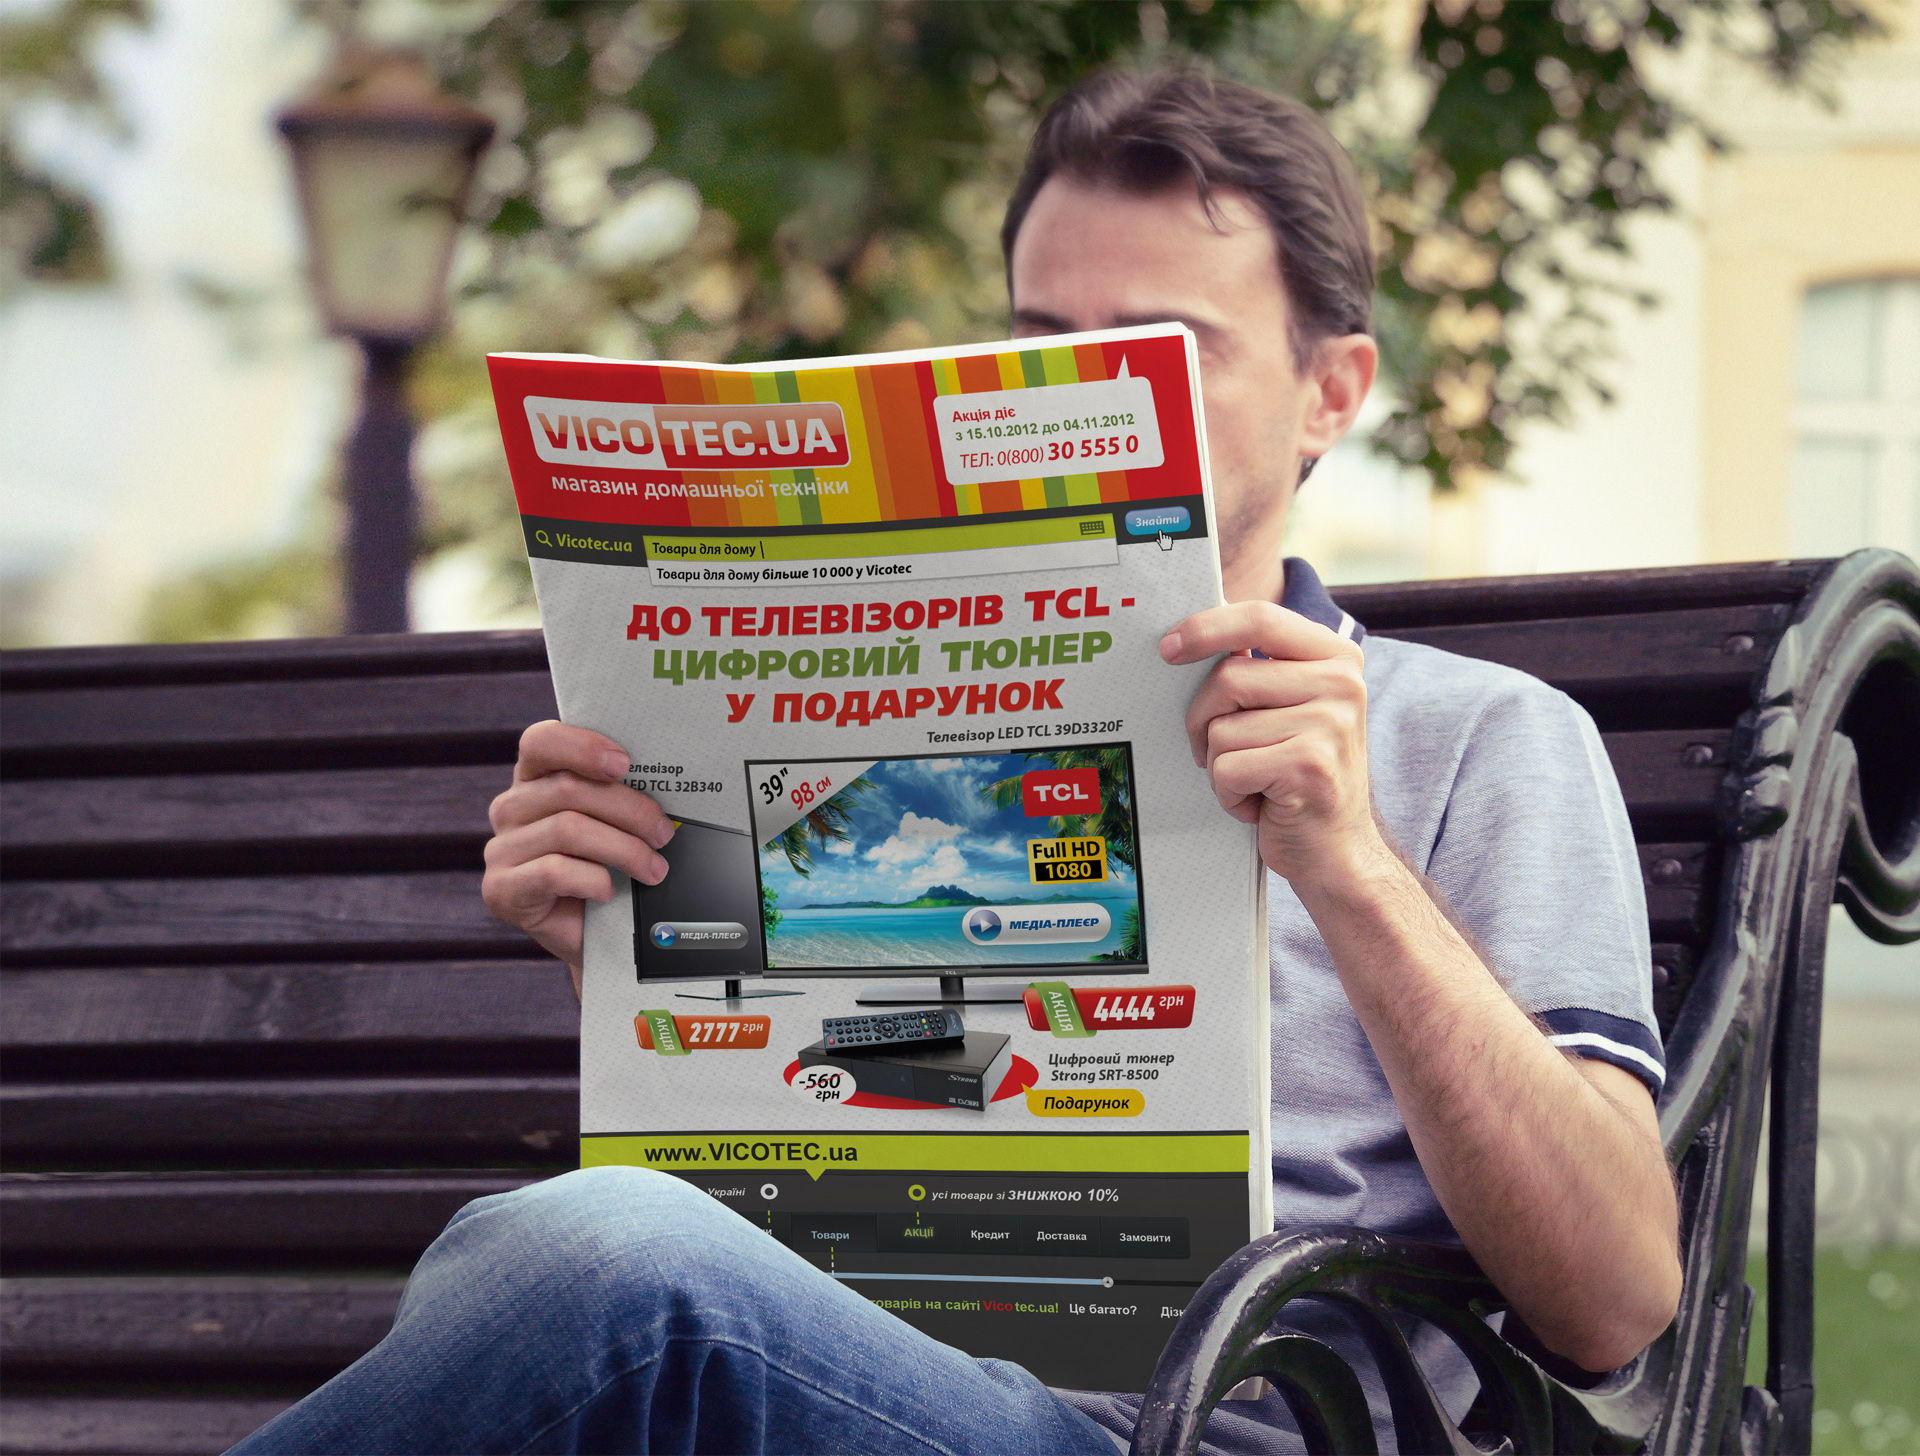 Дизайн газеты для магазина бытовой техники